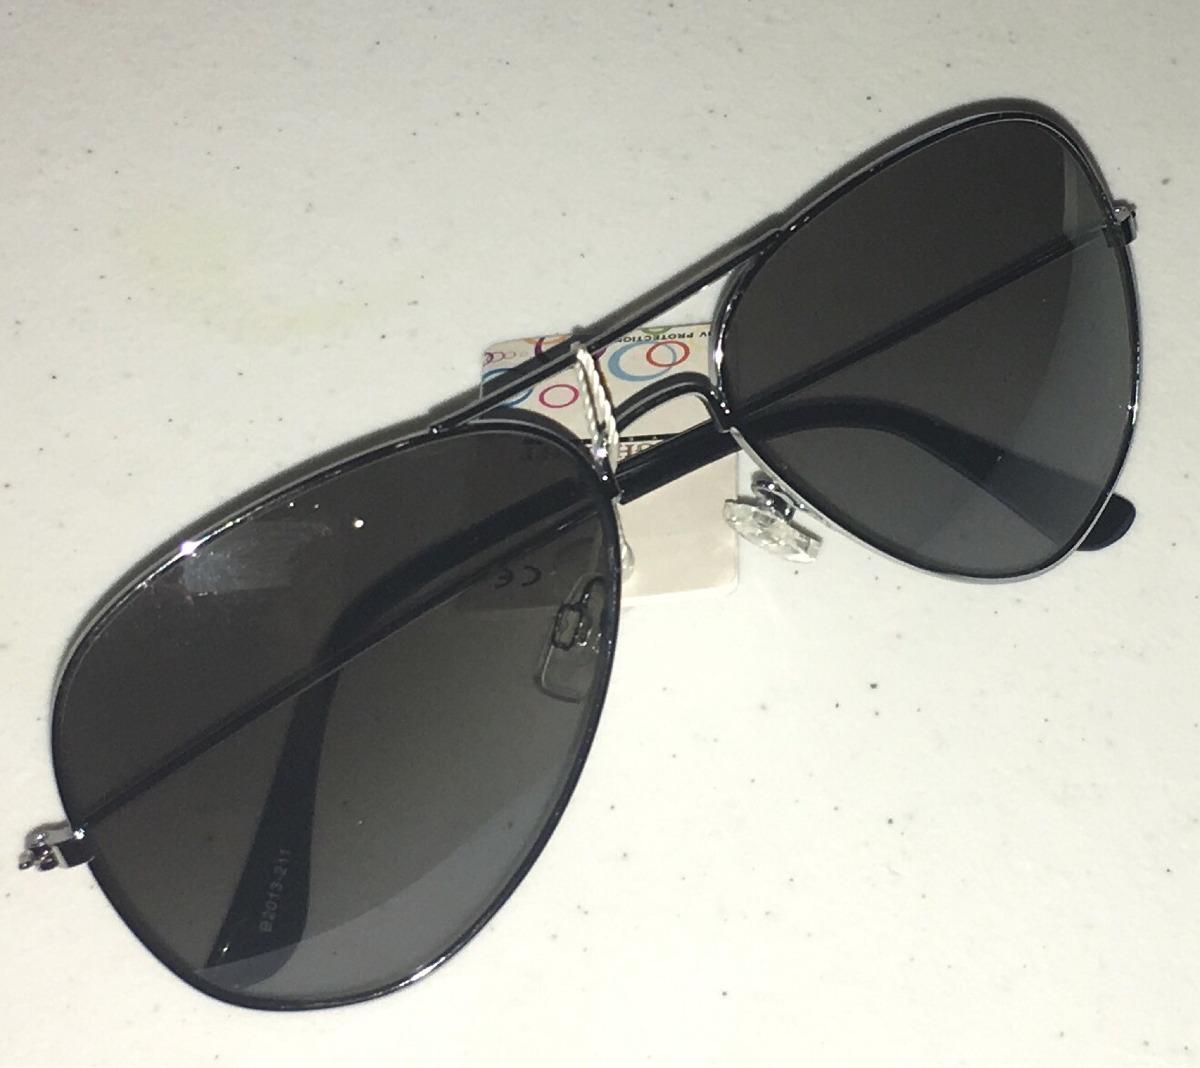 2eb6911a6d2a3 Óculos De Sol Escuros Estilo Aviador Prata Masculino - R  25